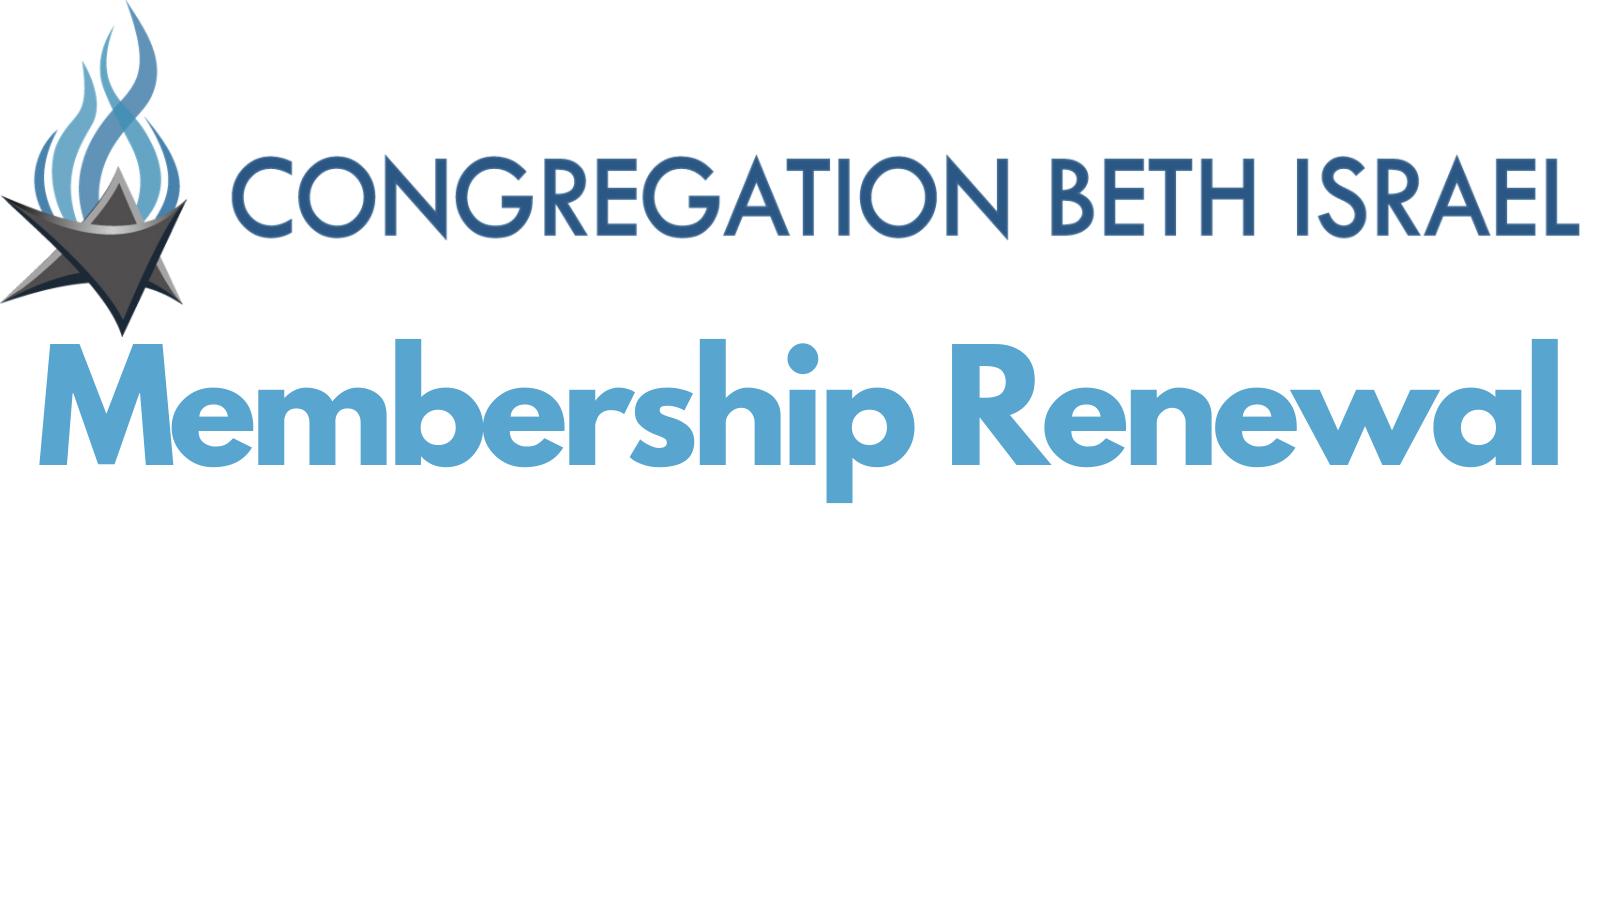 Membership renewal